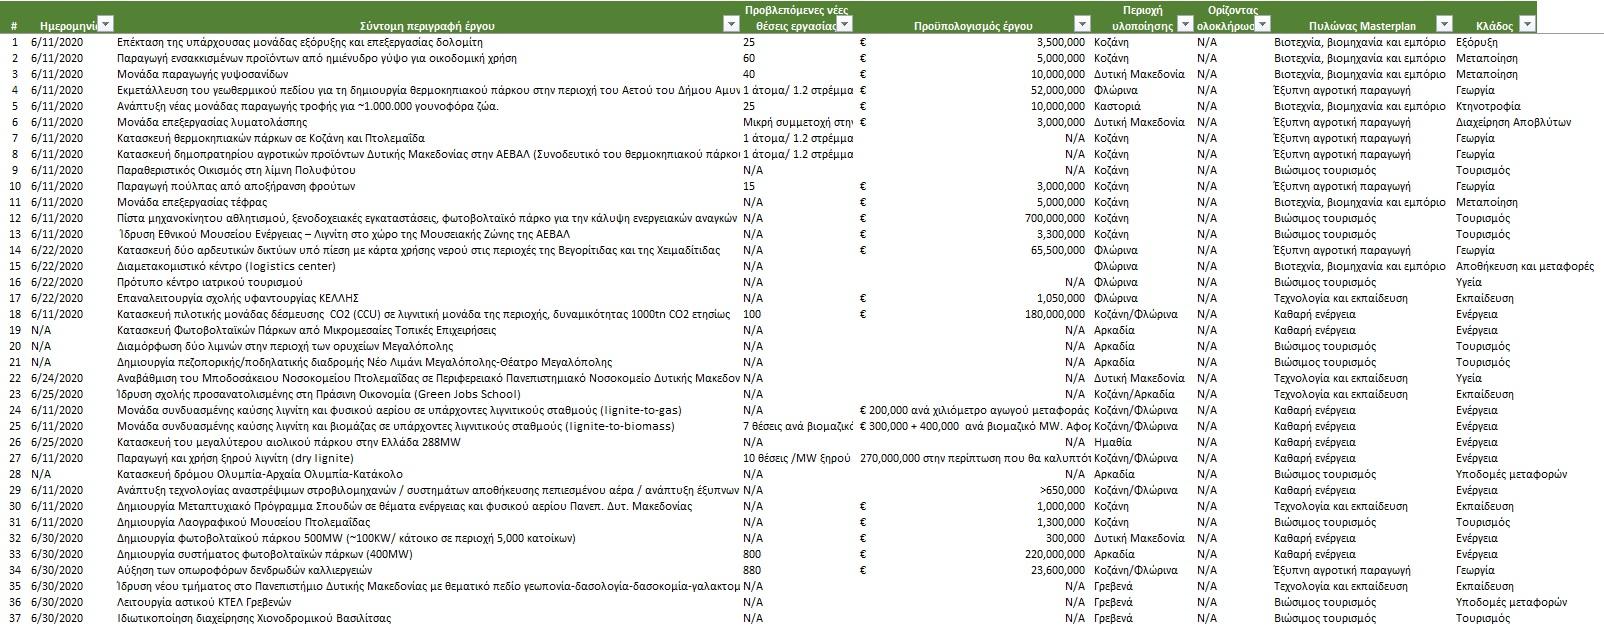 Αυτή είναι η λίστα με τις 66 επενδύσεις της απολιγνιτοποίησης: παραθεριστικός οικισμός στη λίμνη Πολυφύτου, μονάδα επεξεργασίας τέφρας, ίδρυση μουσείου ενέργειας και πράσινης σχολής 3